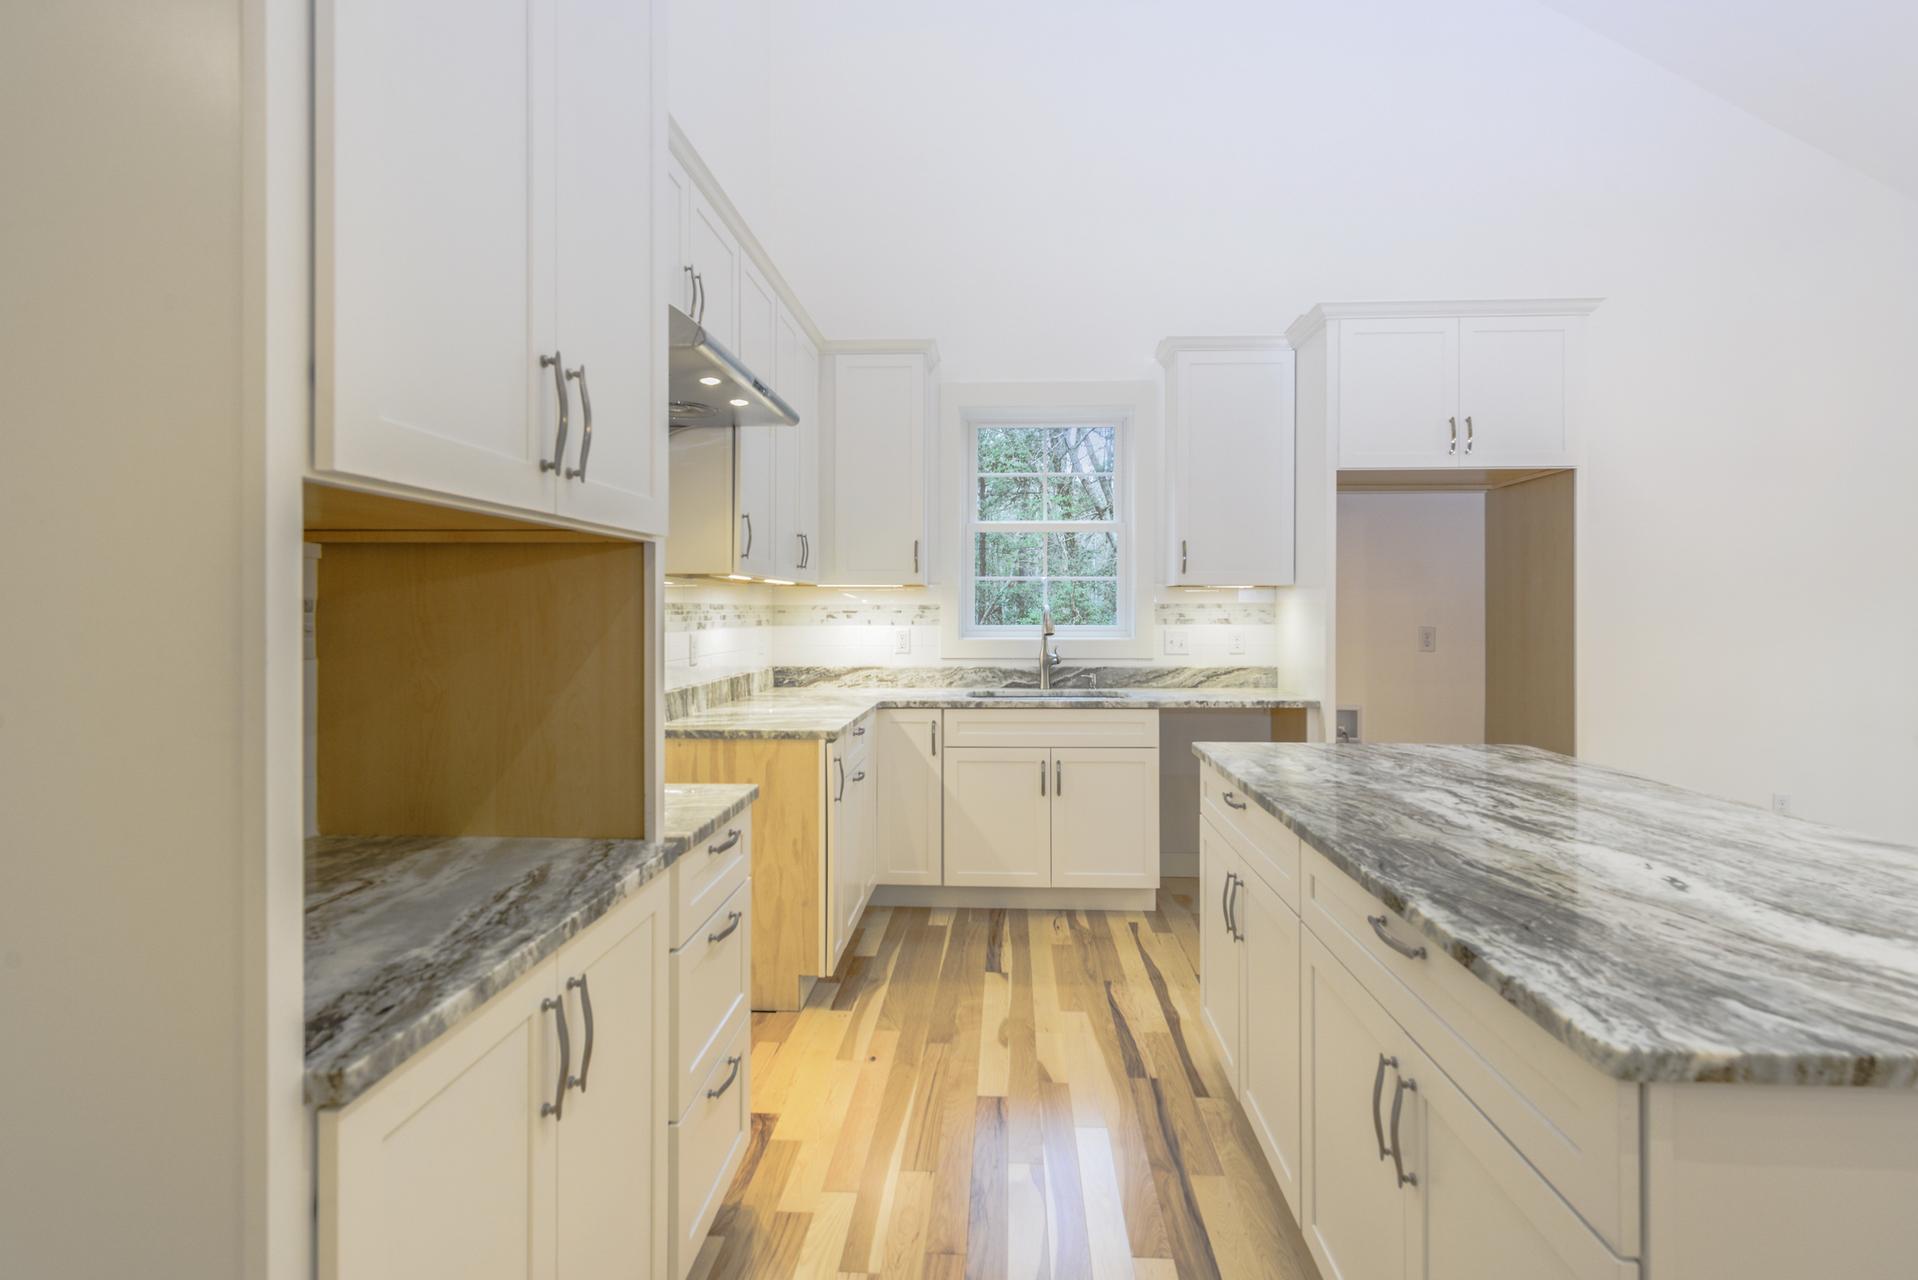 009-photo-kitchen-7774183